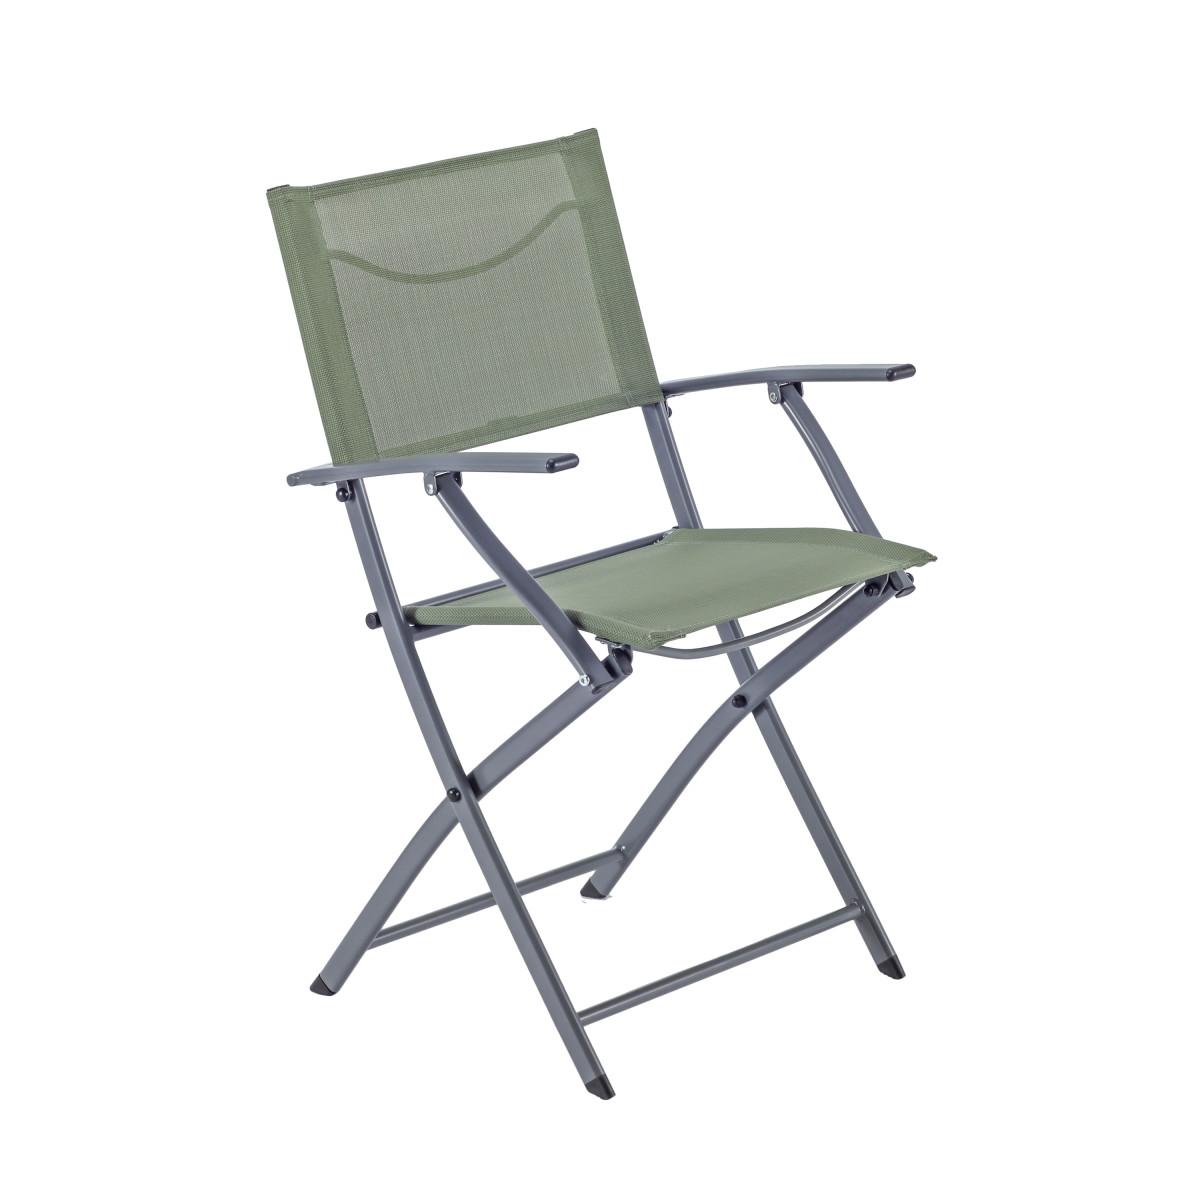 Кресло Naterial Emys Origami Складное 54Х52Х83 Сталь Зеленый